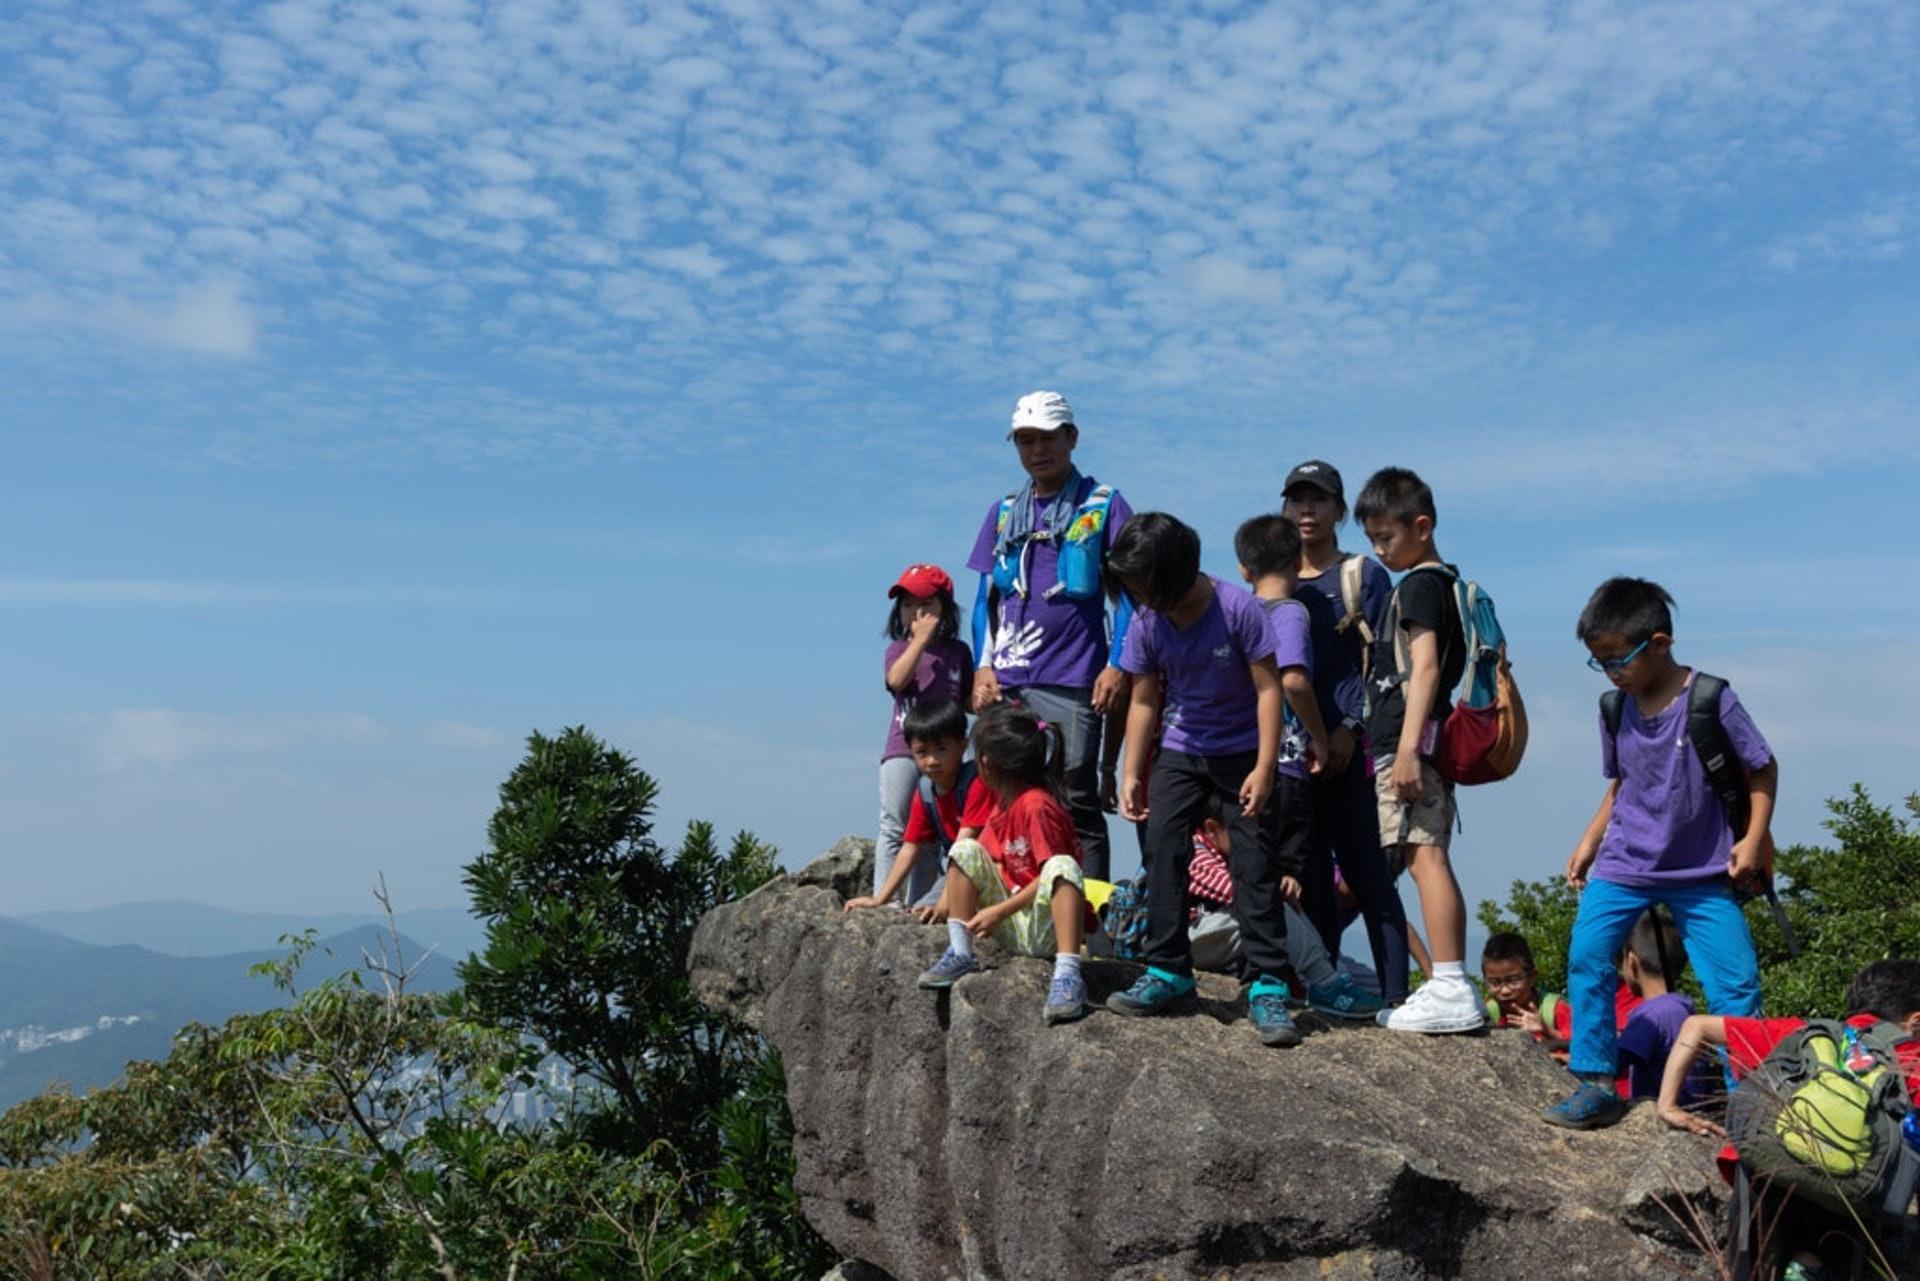 愛童行學園於2015年創辦,推廣體驗式學習,在戶外設幼稚園課堂,為6歲以下兒童提供戶外遊歷課程。(資料圖片)